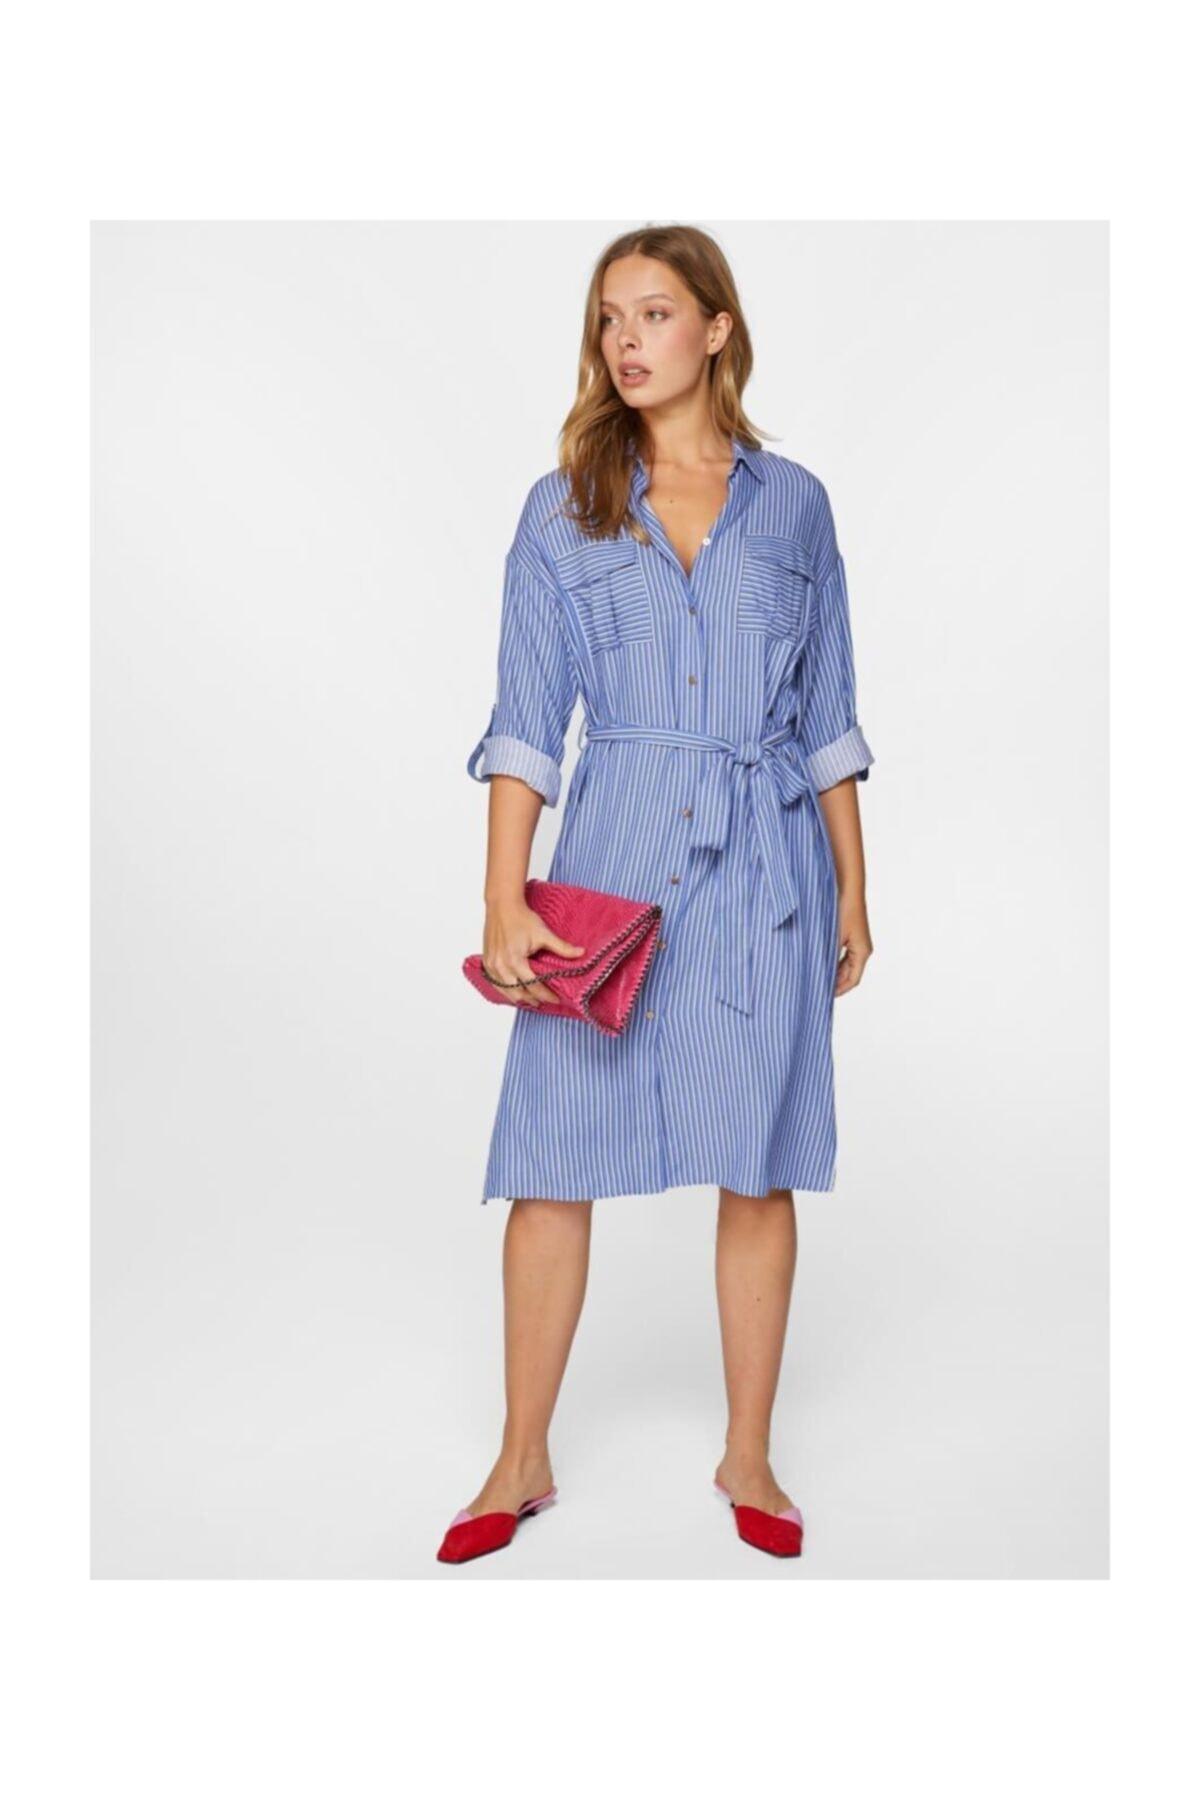 Faik Sönmez Kadın Mavi Çizgili Gömlek Elbise 60283 U60283 2